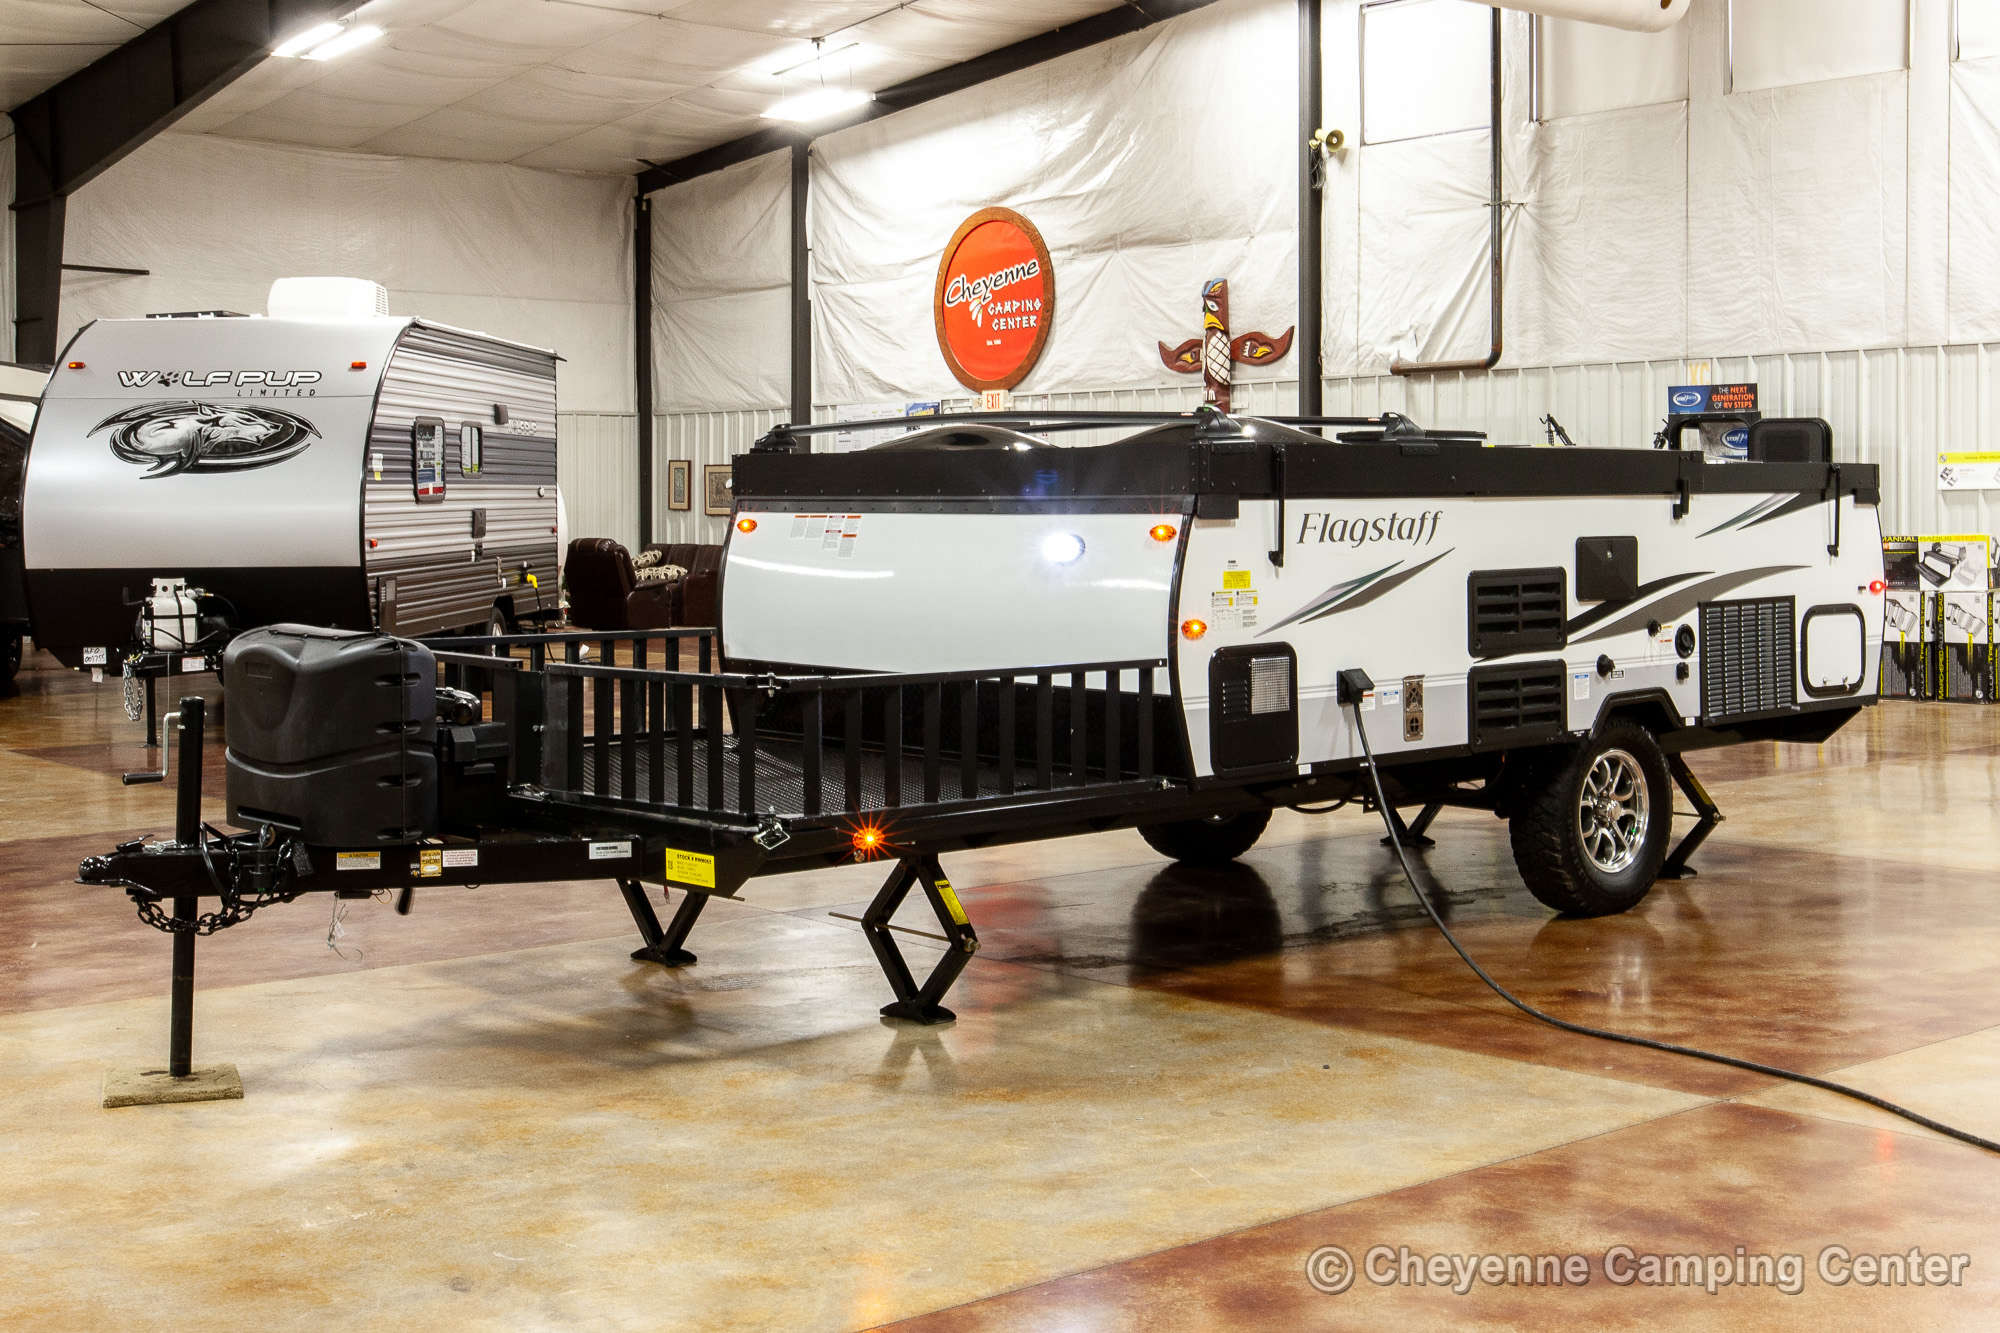 2021 Forest River Flagstaff Hard Side T12RBTH Toy Hauler Folding Camper Exterior Image